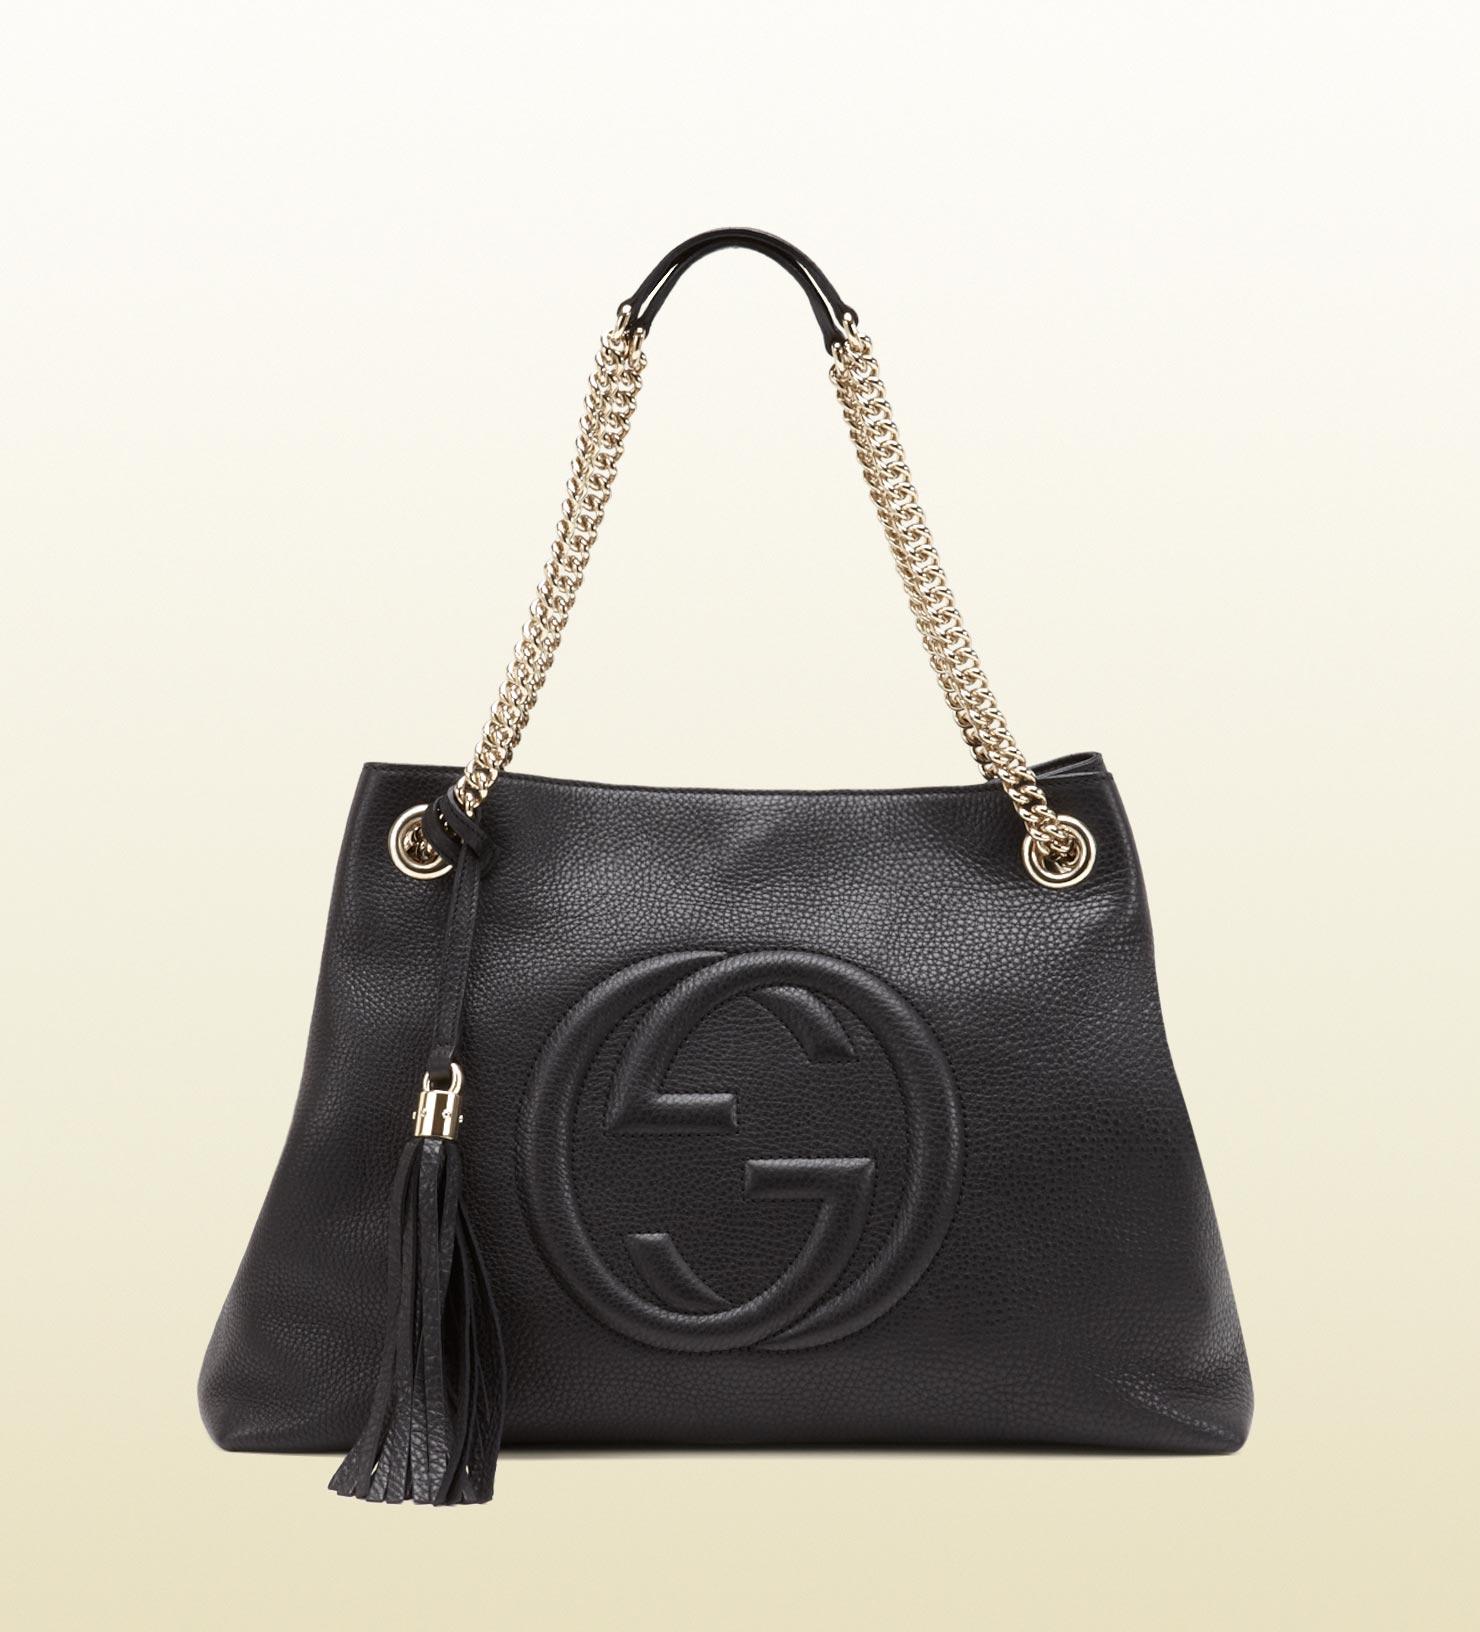 Soho Medium Leather Shoulder Bag Black 29